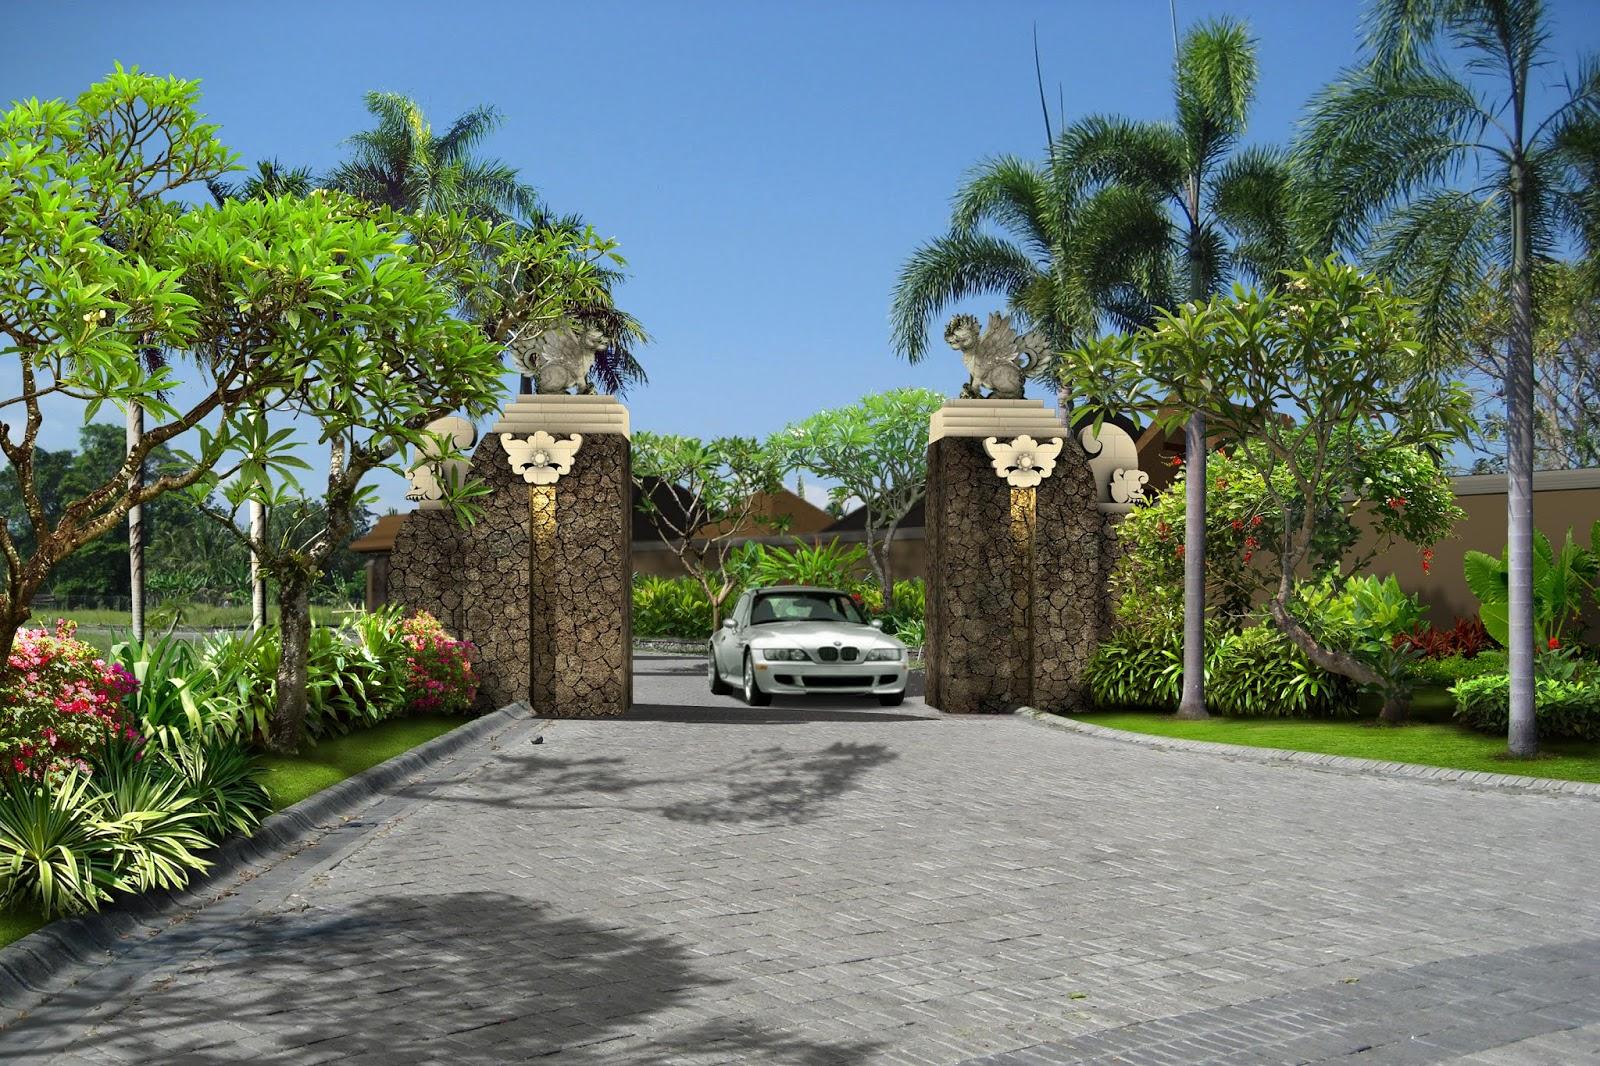 550+ Desain Gate Perumahan HD